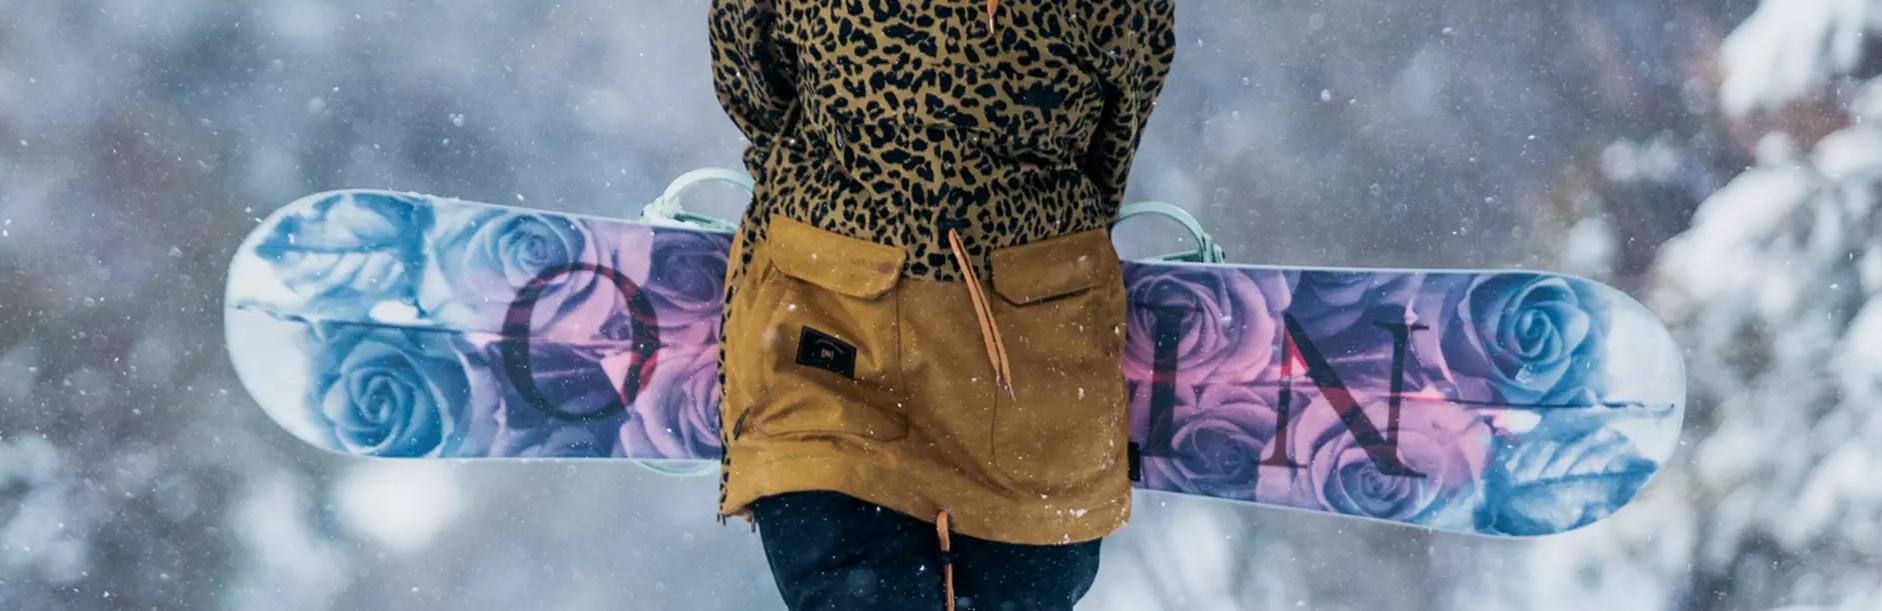 nitr-fate-snowboard